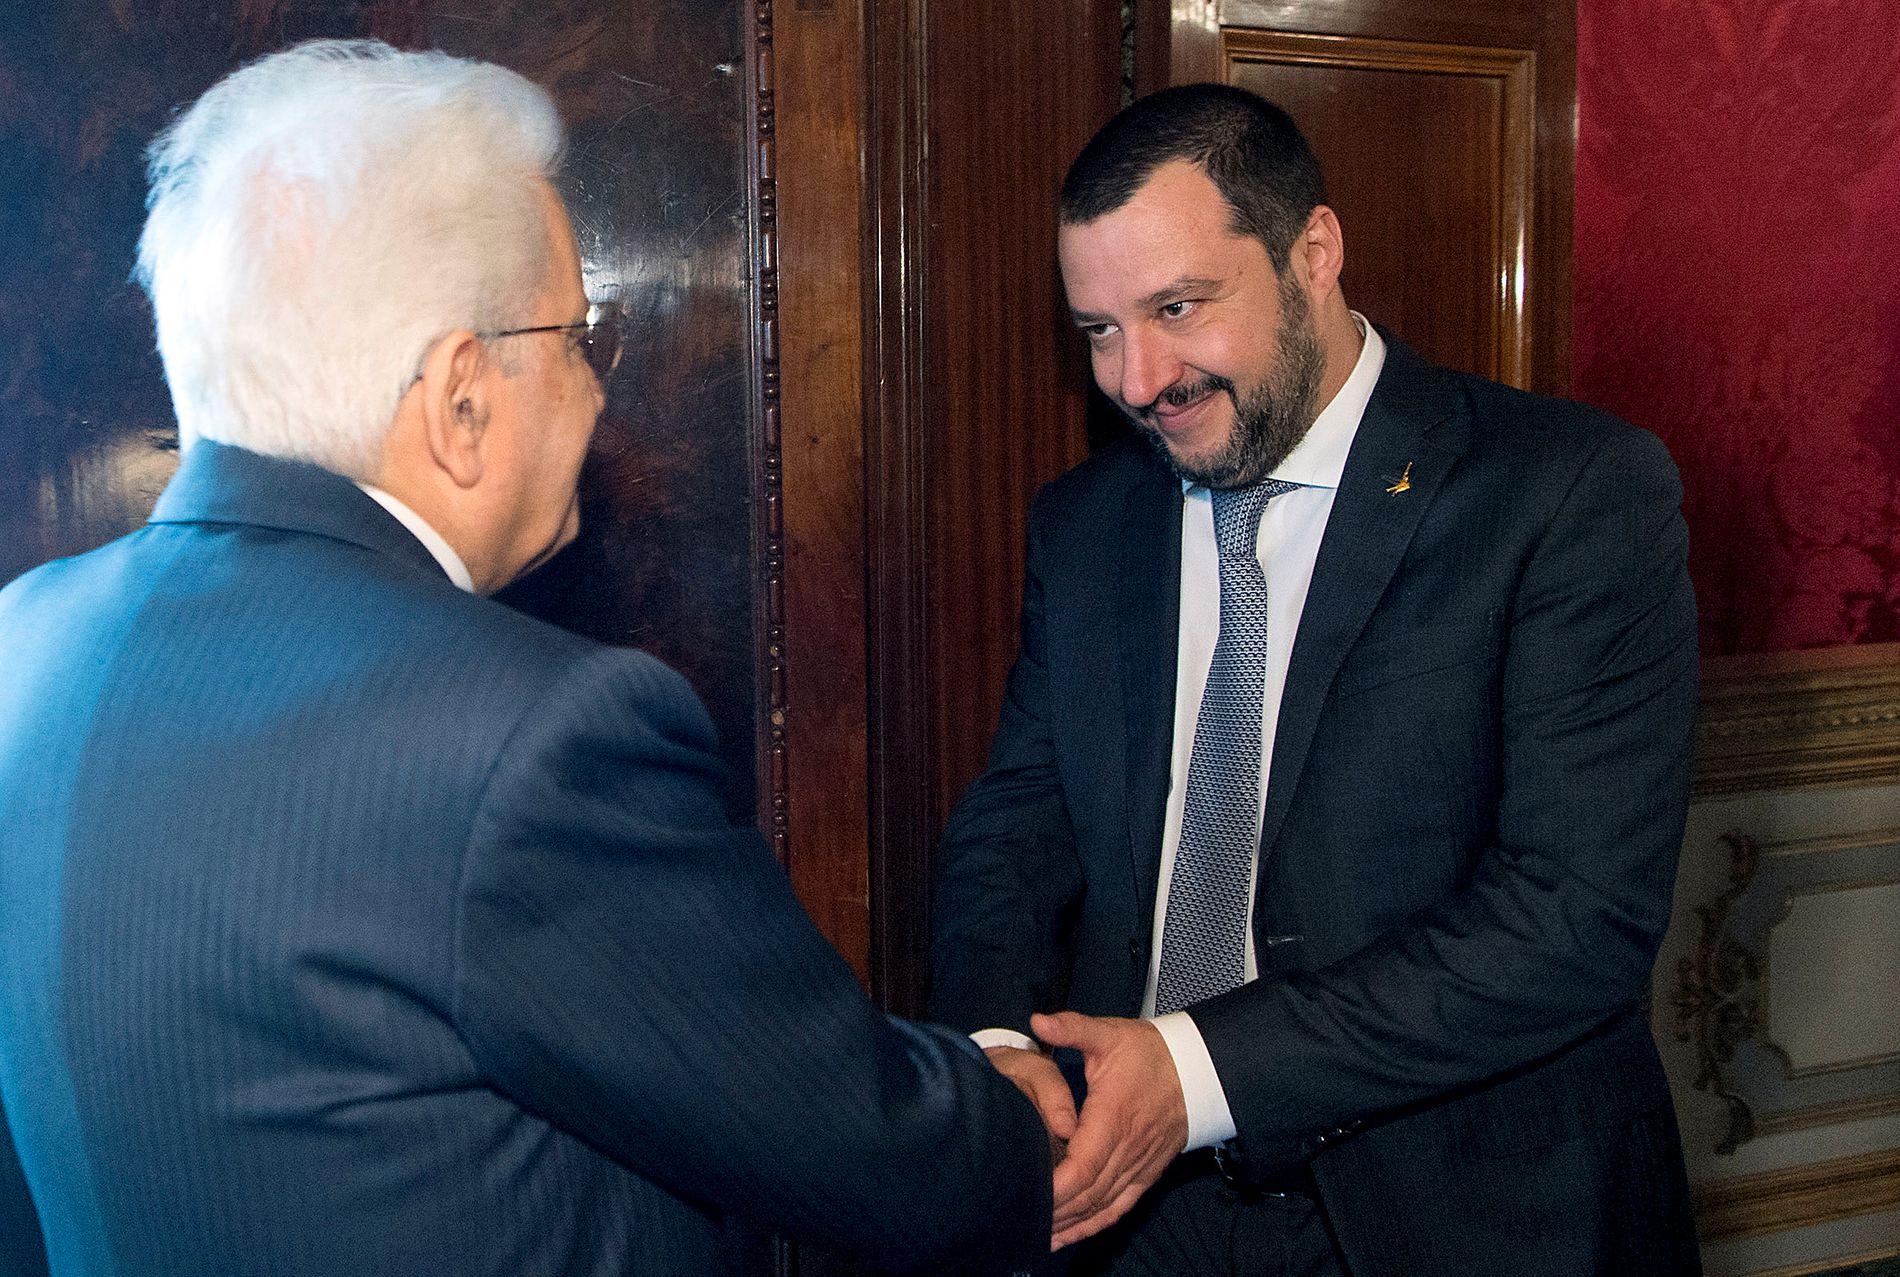 AVVISER INNBLANDING: Lega-leder Matteo Salvini (t.h.) nekter for at hans gode venn Vladimir Putin skal ha hatt noe å gjøre med den intense krav-stormen på sosiale medier om riksrettssak mot Italias president, Matteo Salvini (t.v.)